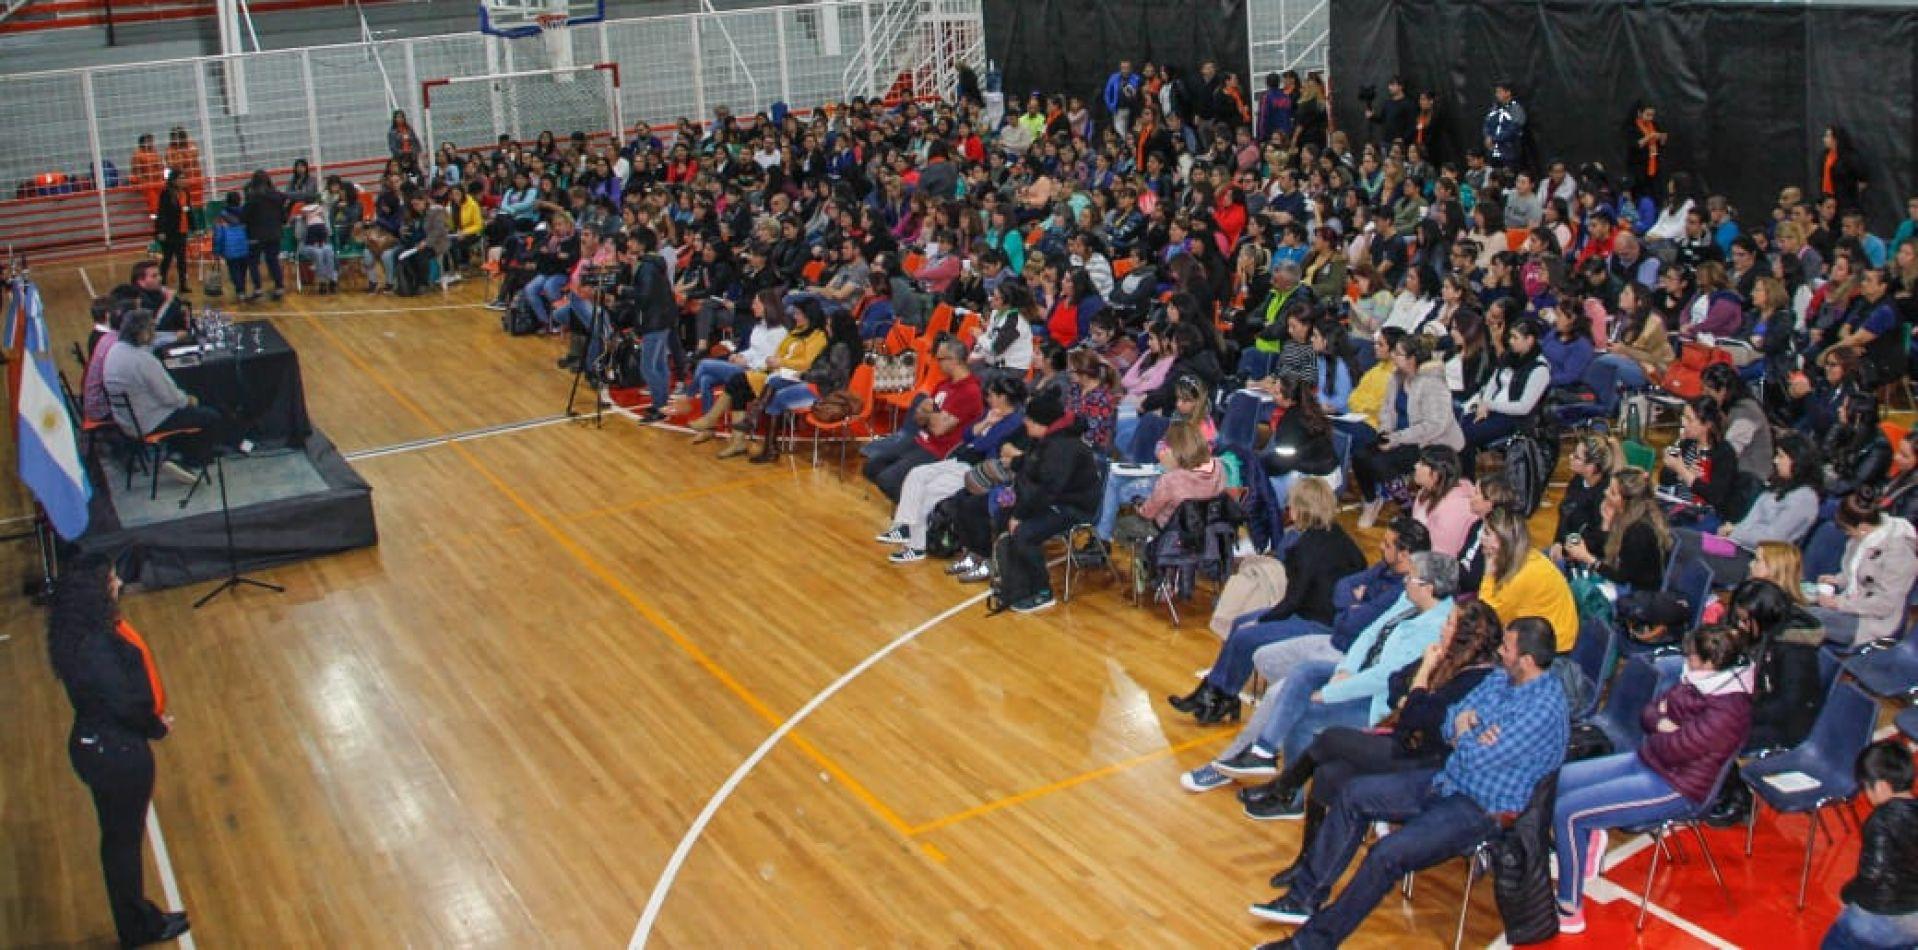 Segundo Congreso Internacional de Educación e Inclusión desde el Sur que organiza el Municipio de Río Grande